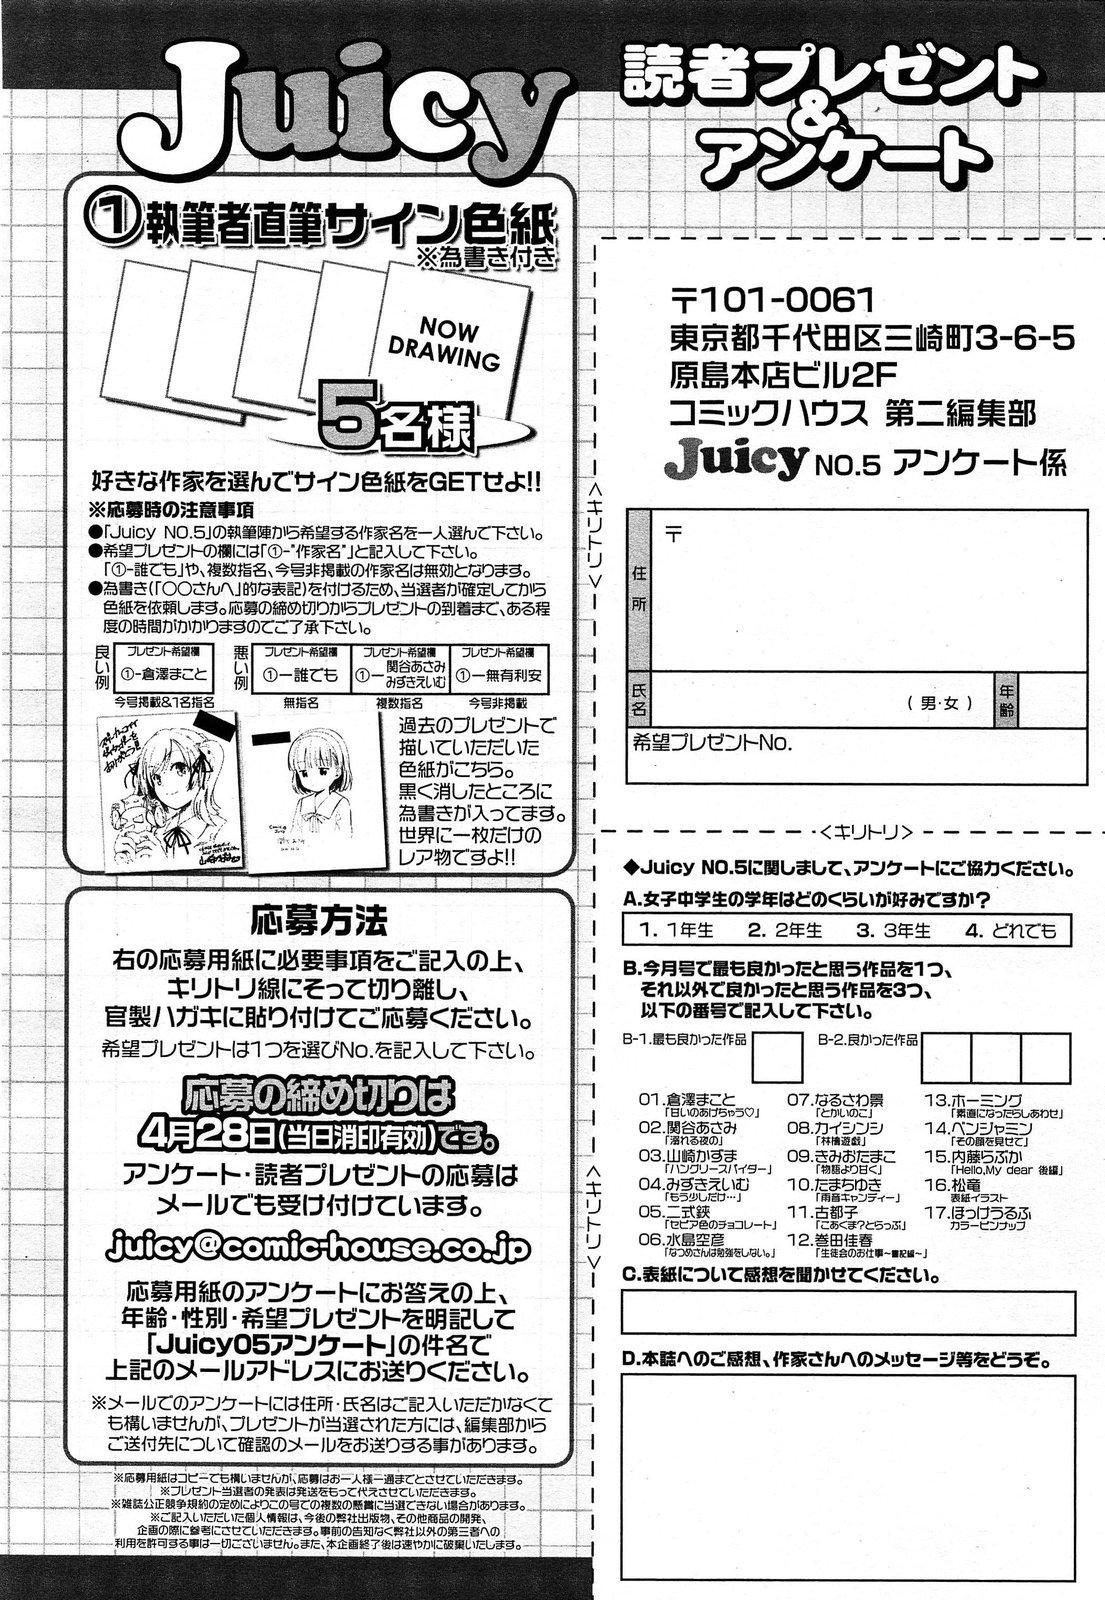 Juicy No. 5 2014-04 305